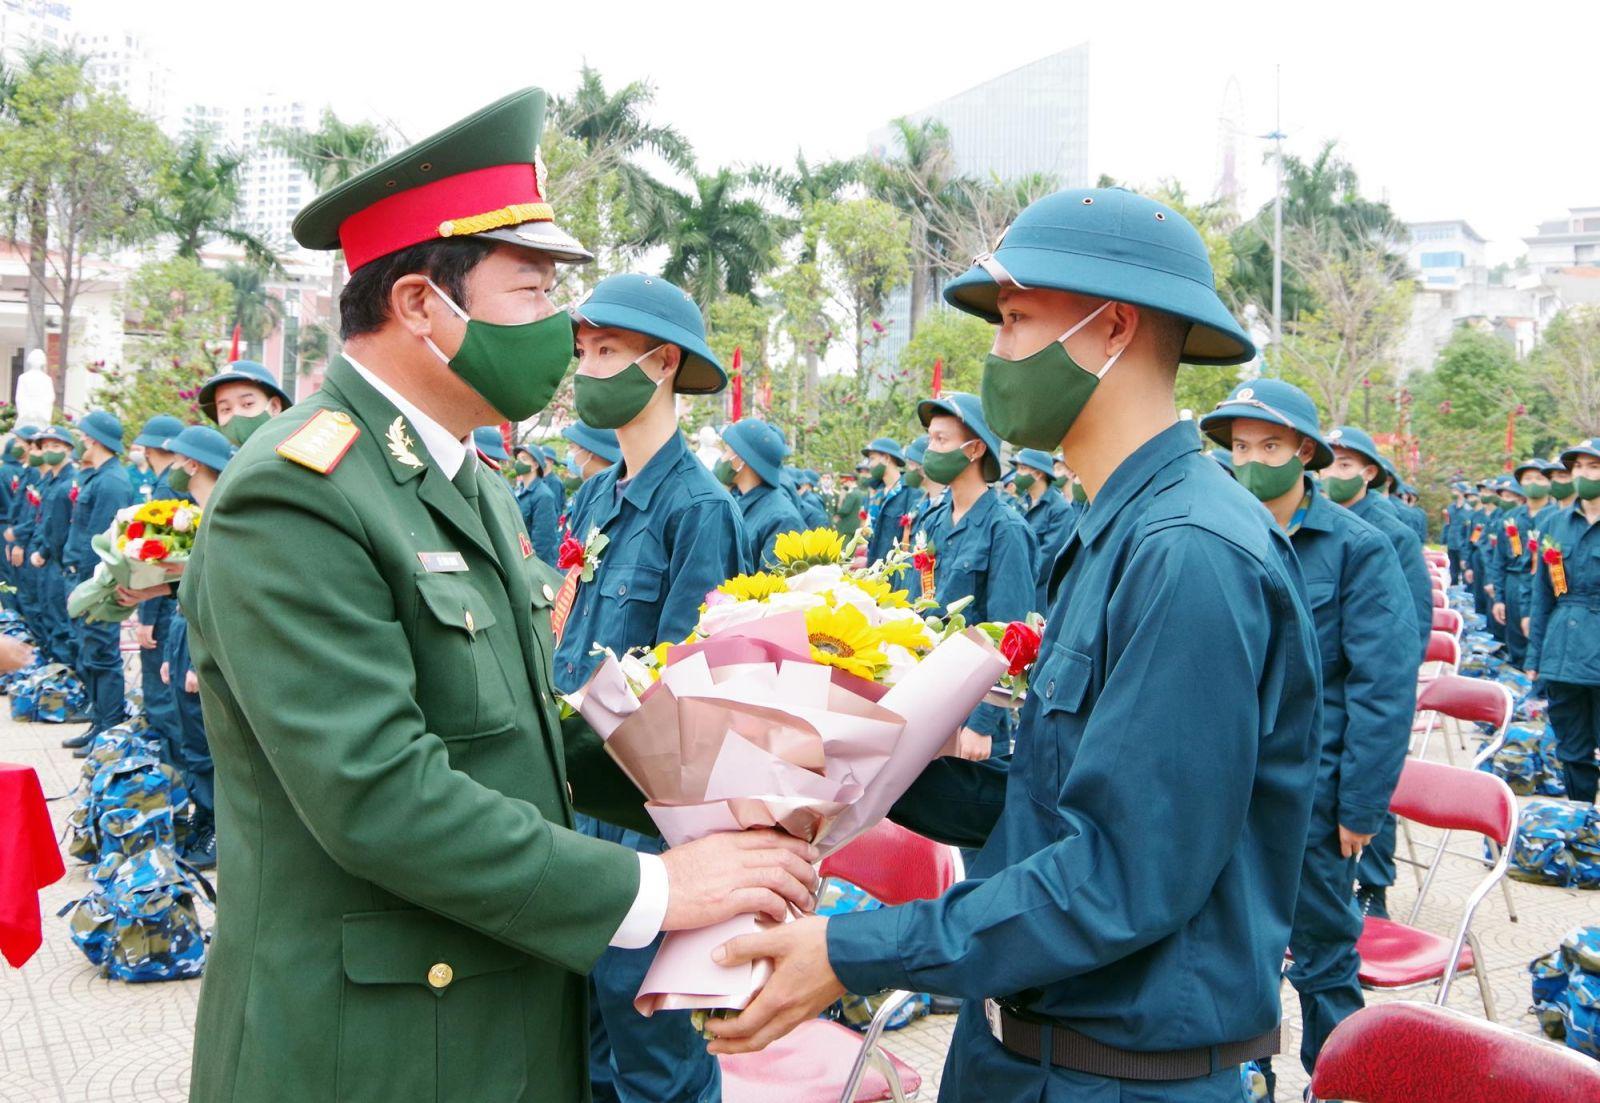 Đợt giao nhận quân đầu năm 2021, TP Hạ Long tuyển chọn và gọi 330 tân binh tham gia nghĩa vụ quân sự, trong các đơn vị: Quân chủng Phòng không Không quân, Tổng cục Kỹ thuật (Bộ Quốc phòng), Bộ Tư lệnh Bộ đội Biên phòng, Bộ Chỉ huy quân sự tỉnh. Đồng thời, có 33 công dân tham gia thực hiện nghĩa vụ công an nhân dân.